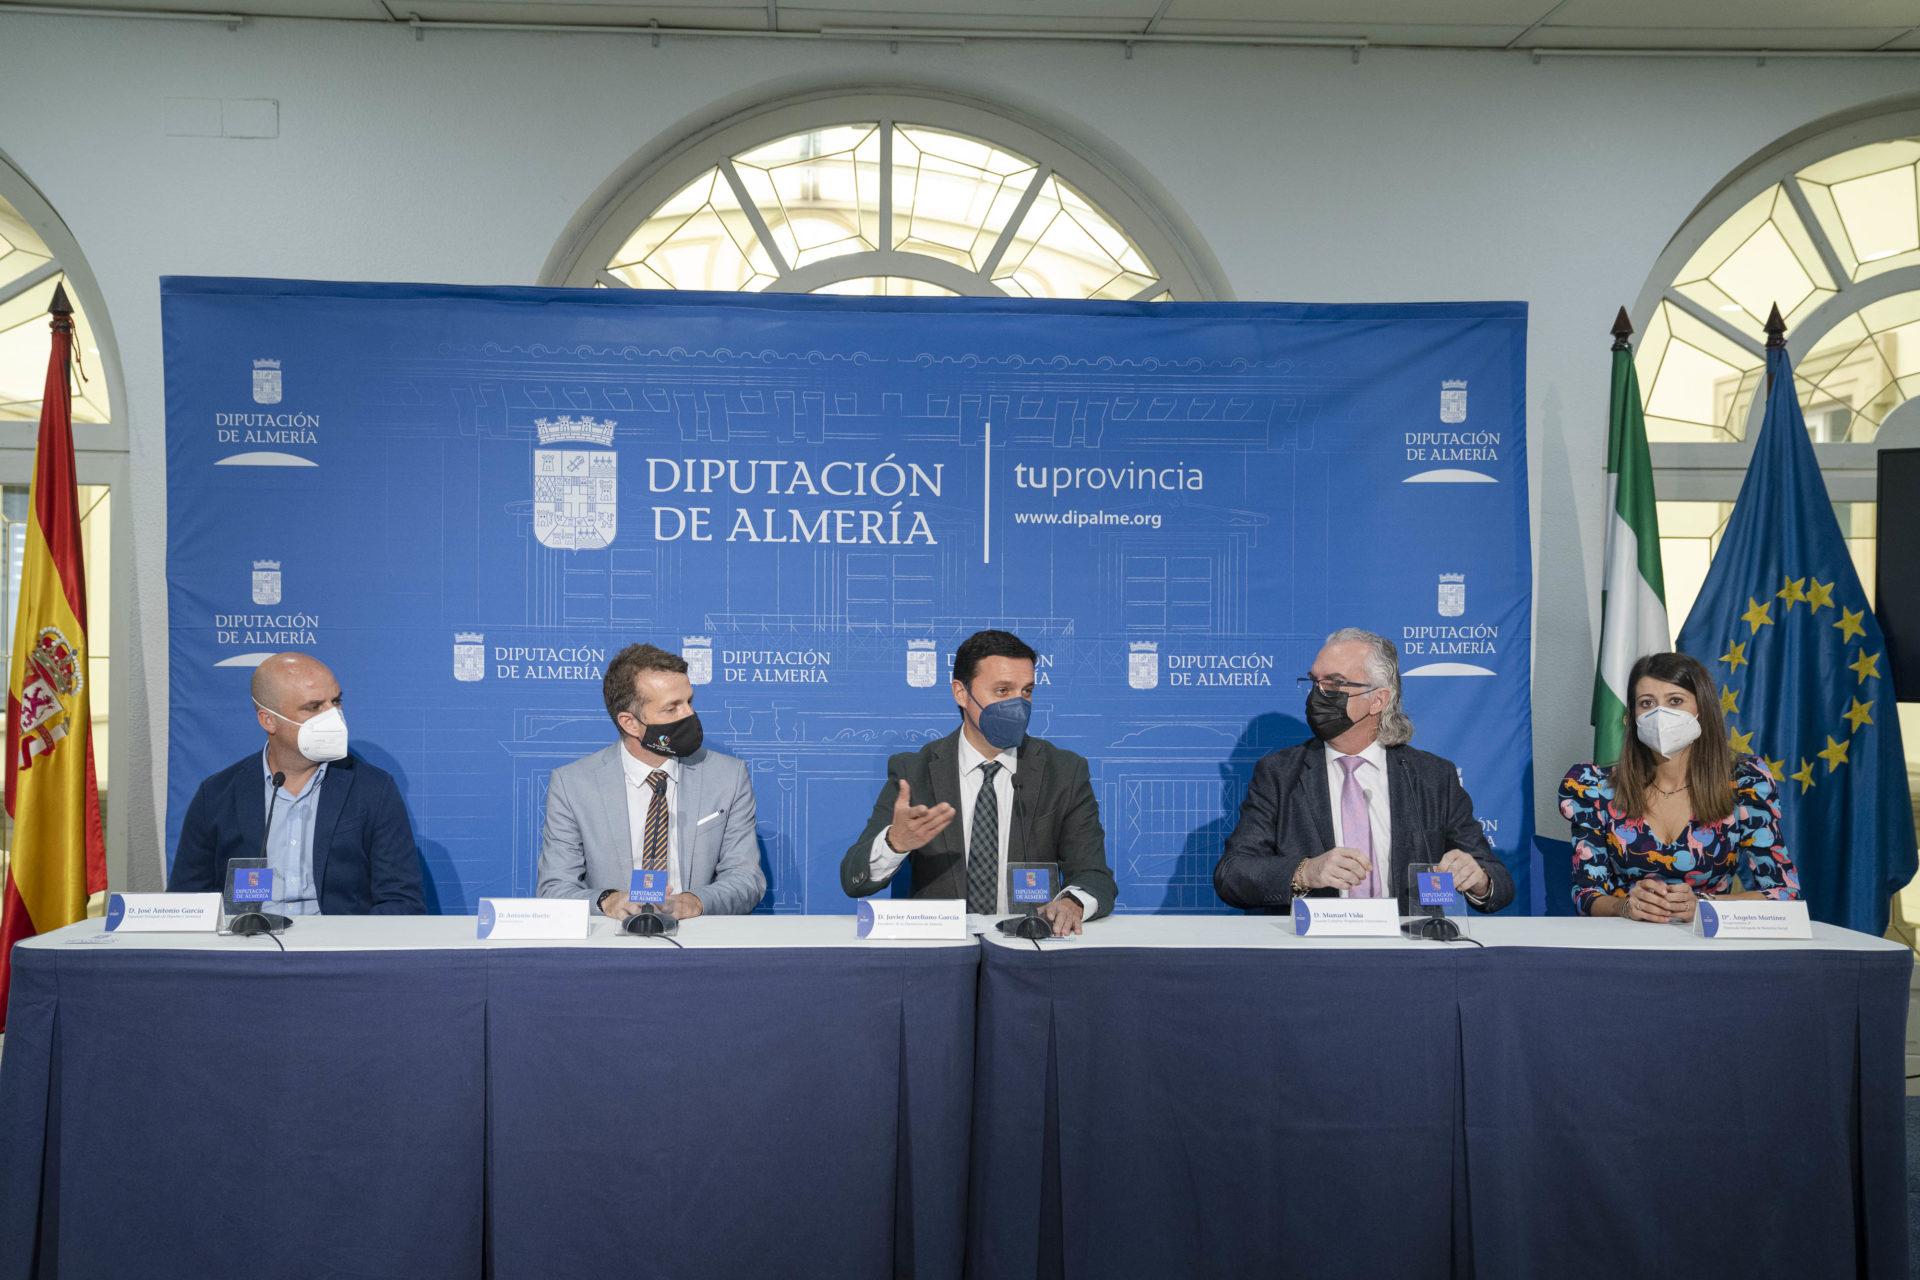 La VI Reunión 'Medicina y Deporte' regresa para consolidar Almería como capital española de la investigación científica